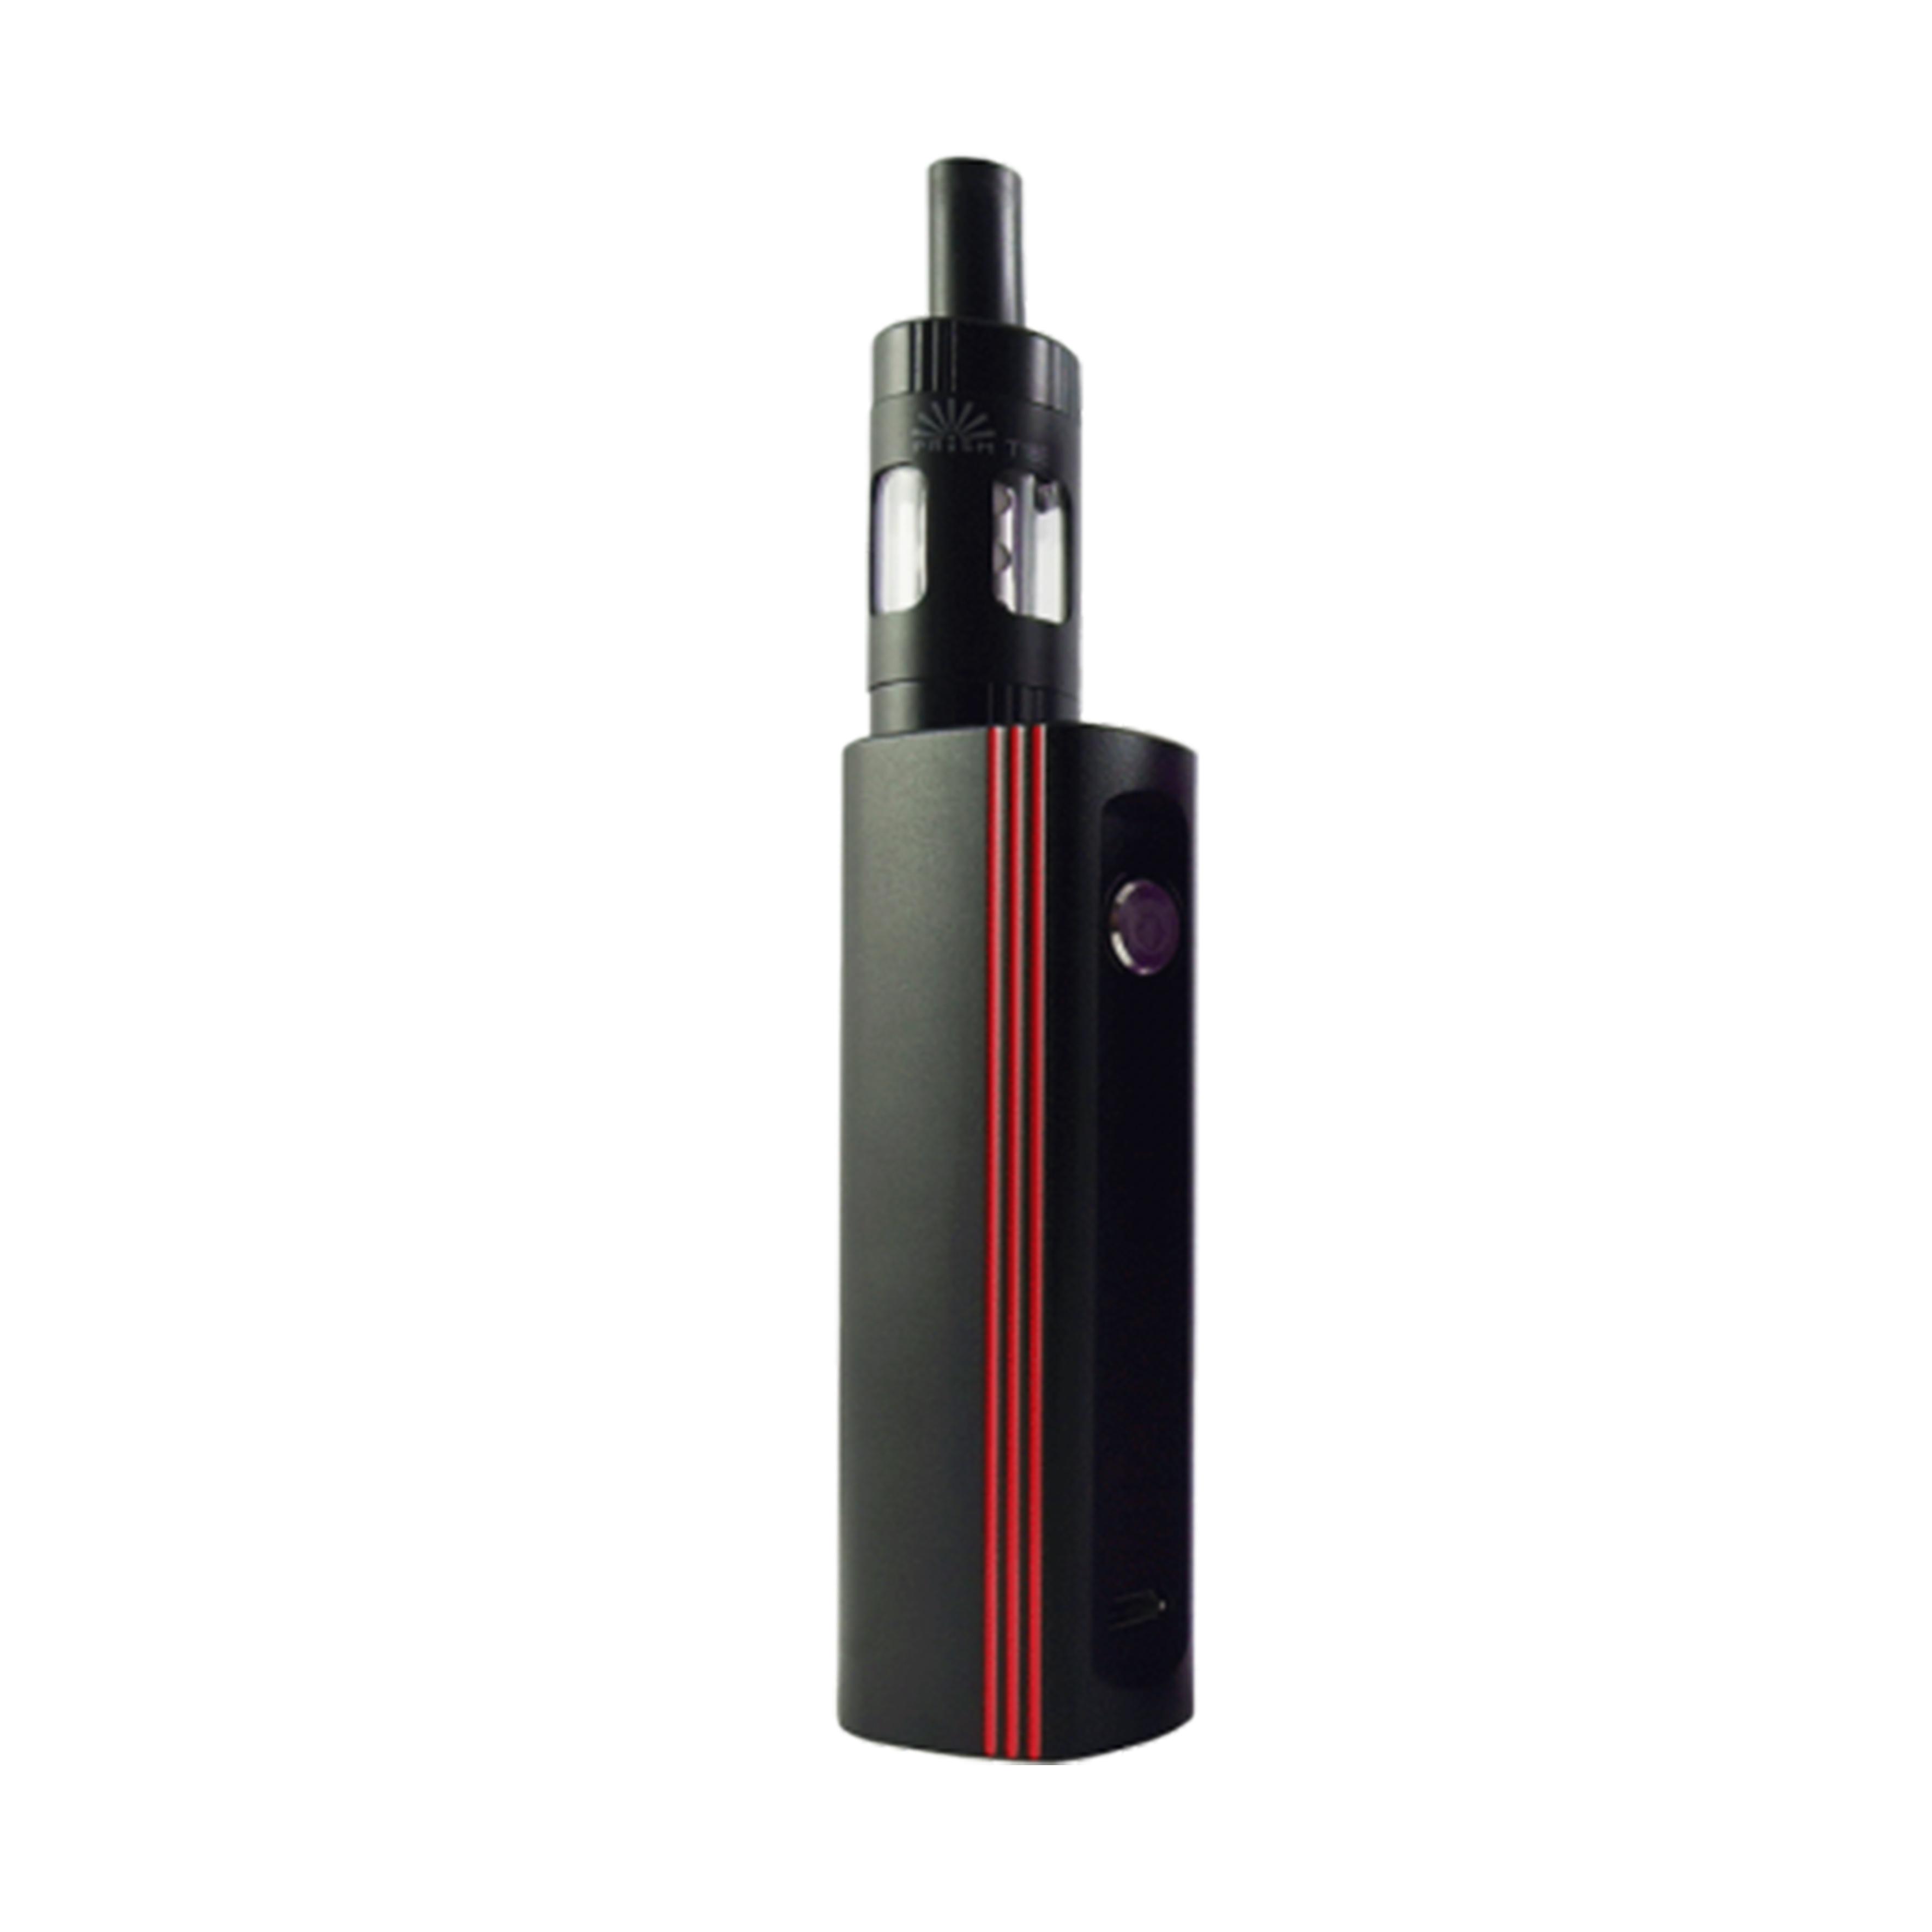 Endura T22e Kit Black